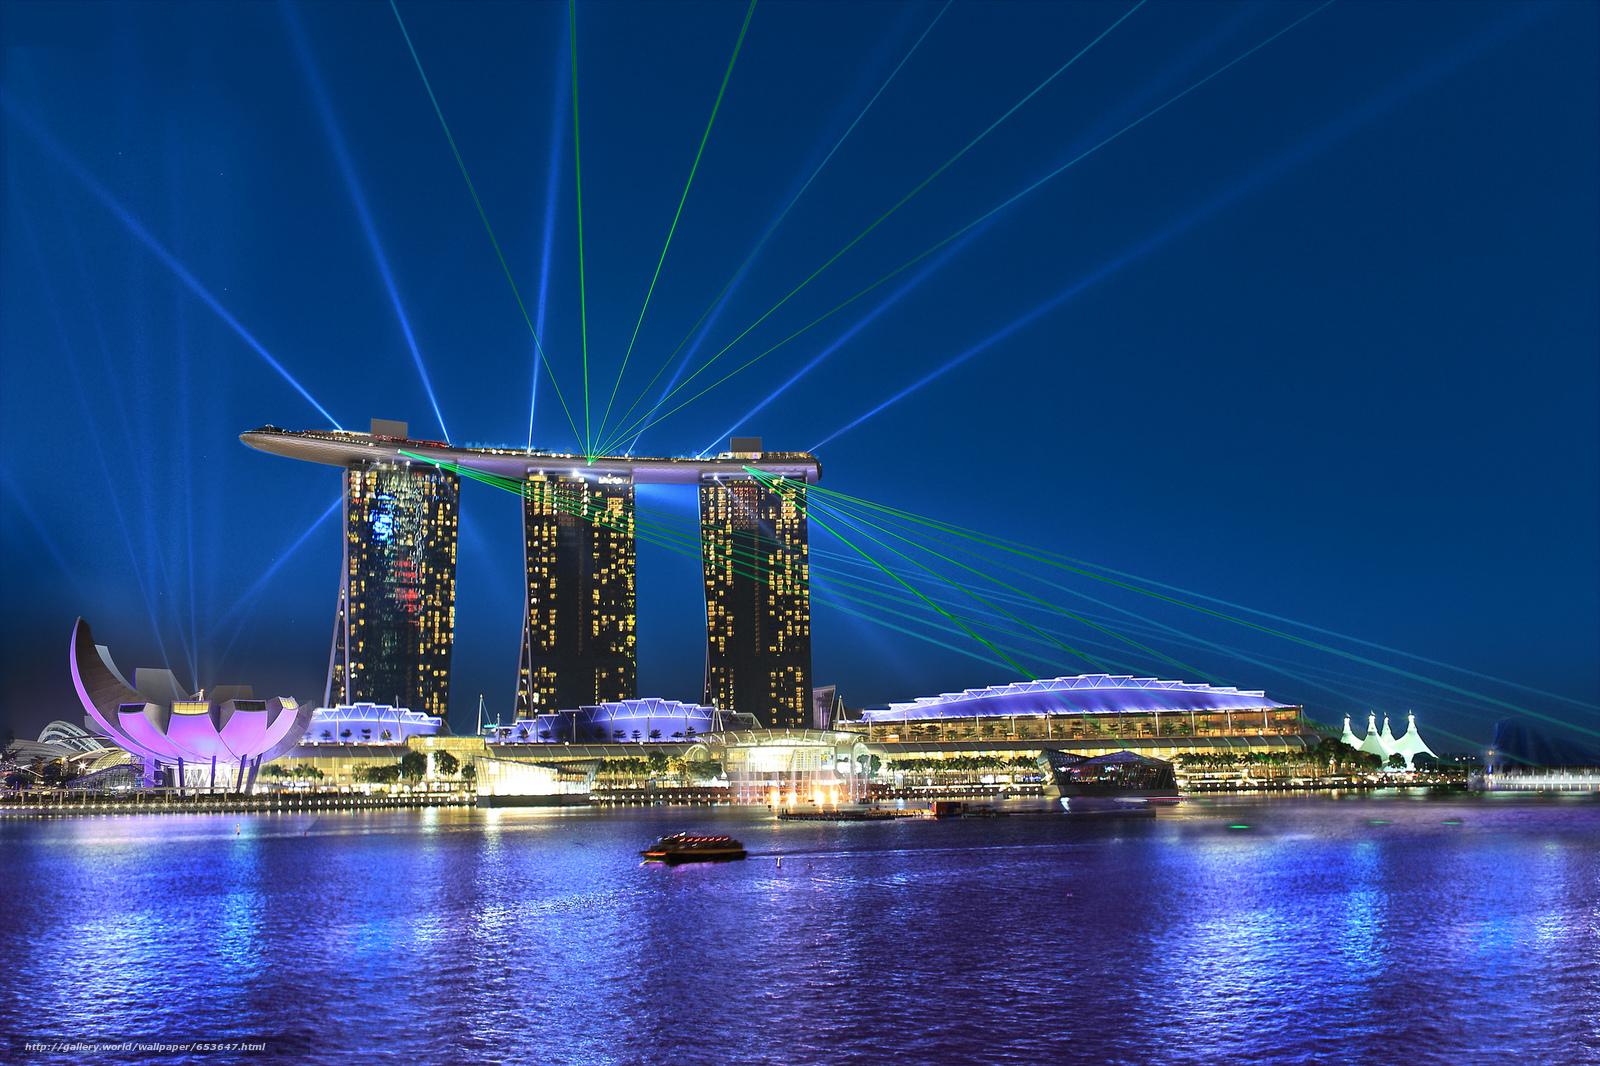 Скачать обои Сингапур,  Singapore,  город бесплатно для рабочего стола в разрешении 2048x1365 — картинка №653647